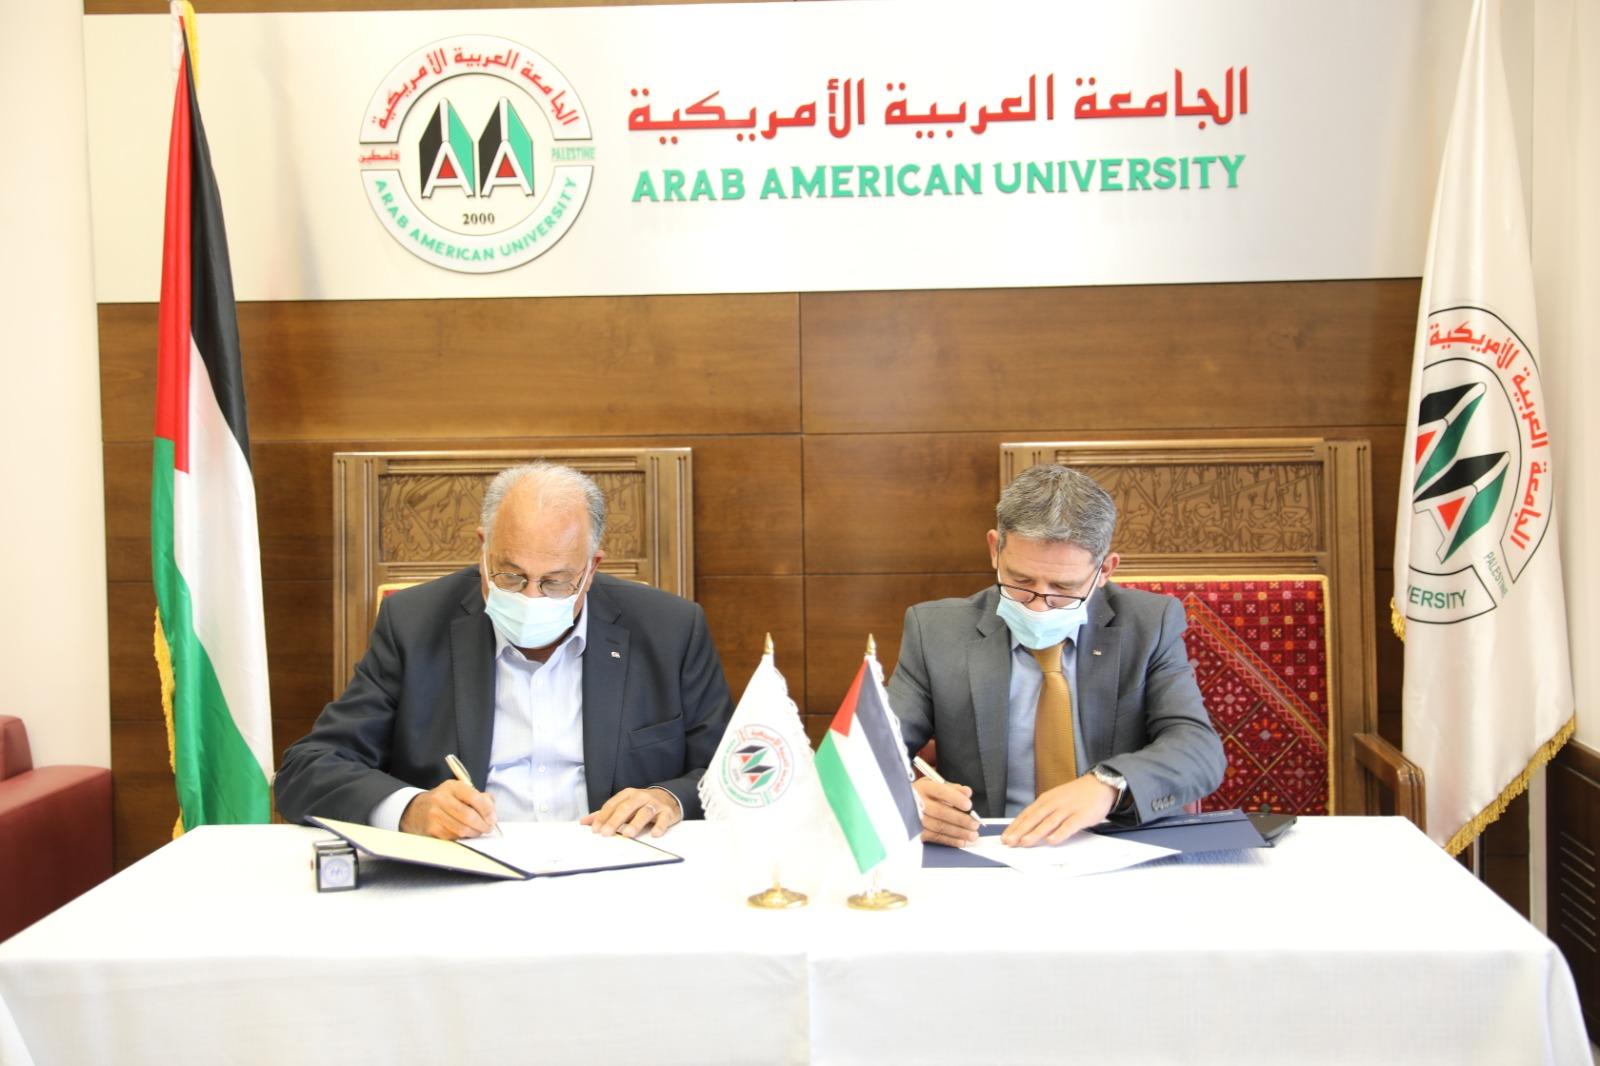 الجامعة وهيئة مكافحة الفساد توقعان اتفاقية لتعزيز التعاون بين الجانبين